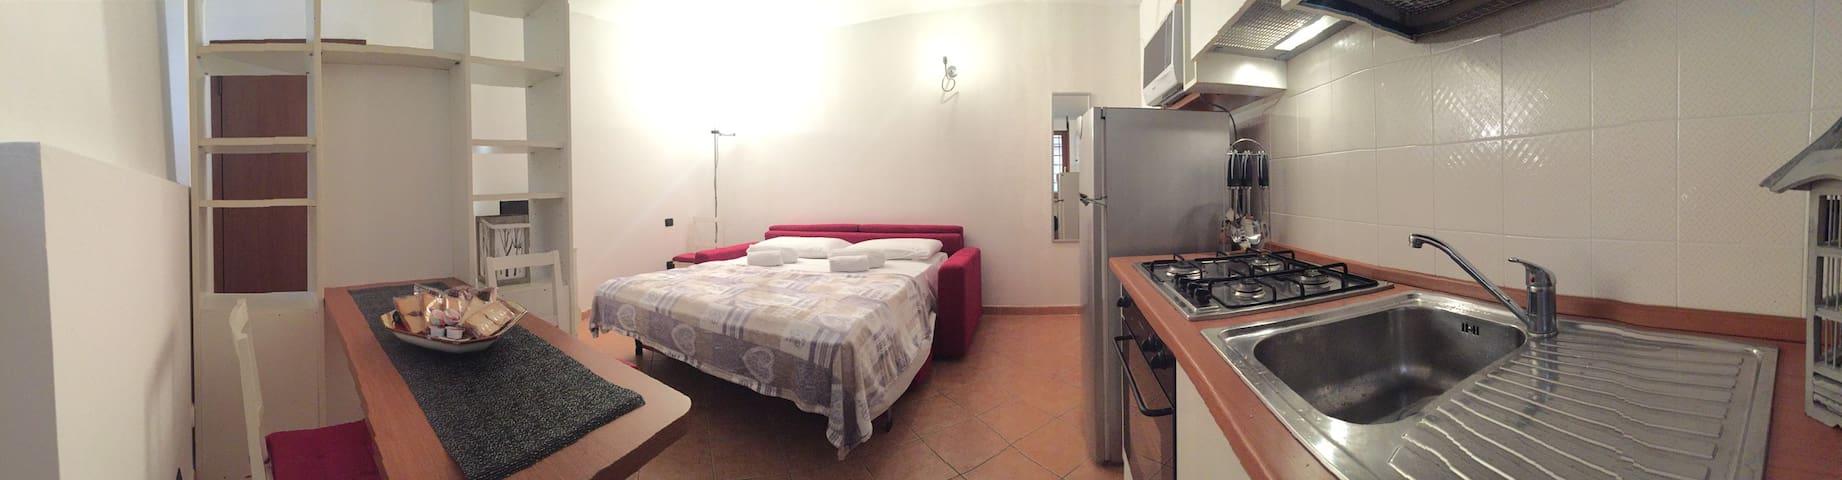 Tosca apartment - Verona - Lejlighed